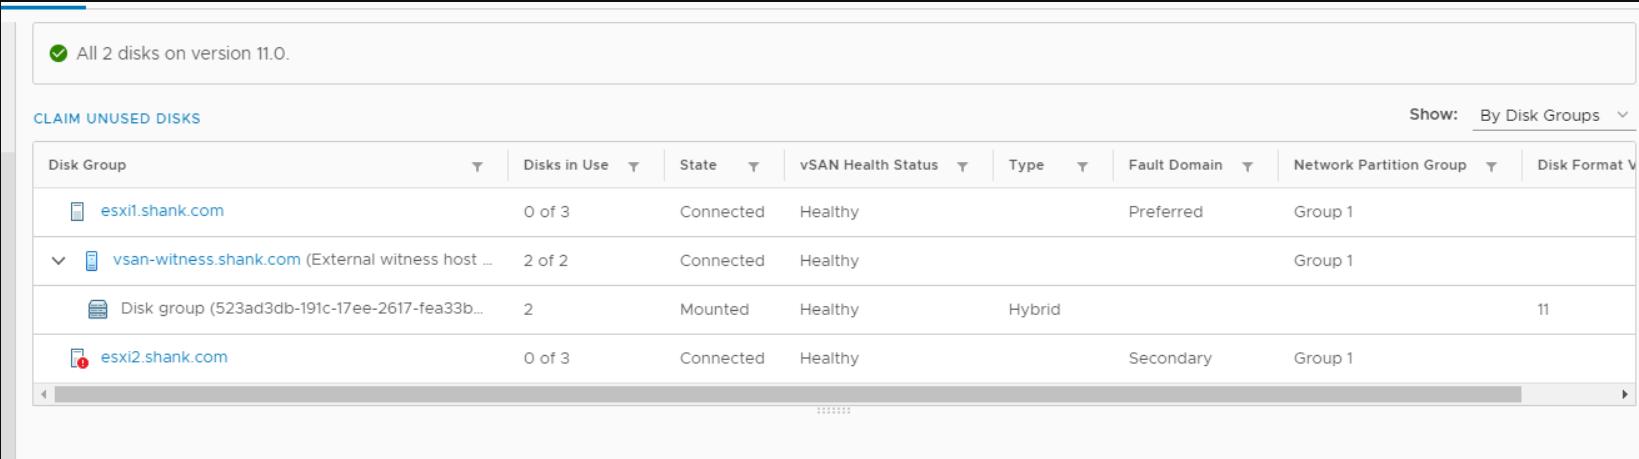 vcenter vsan datastore showing no disks claimed for hosts